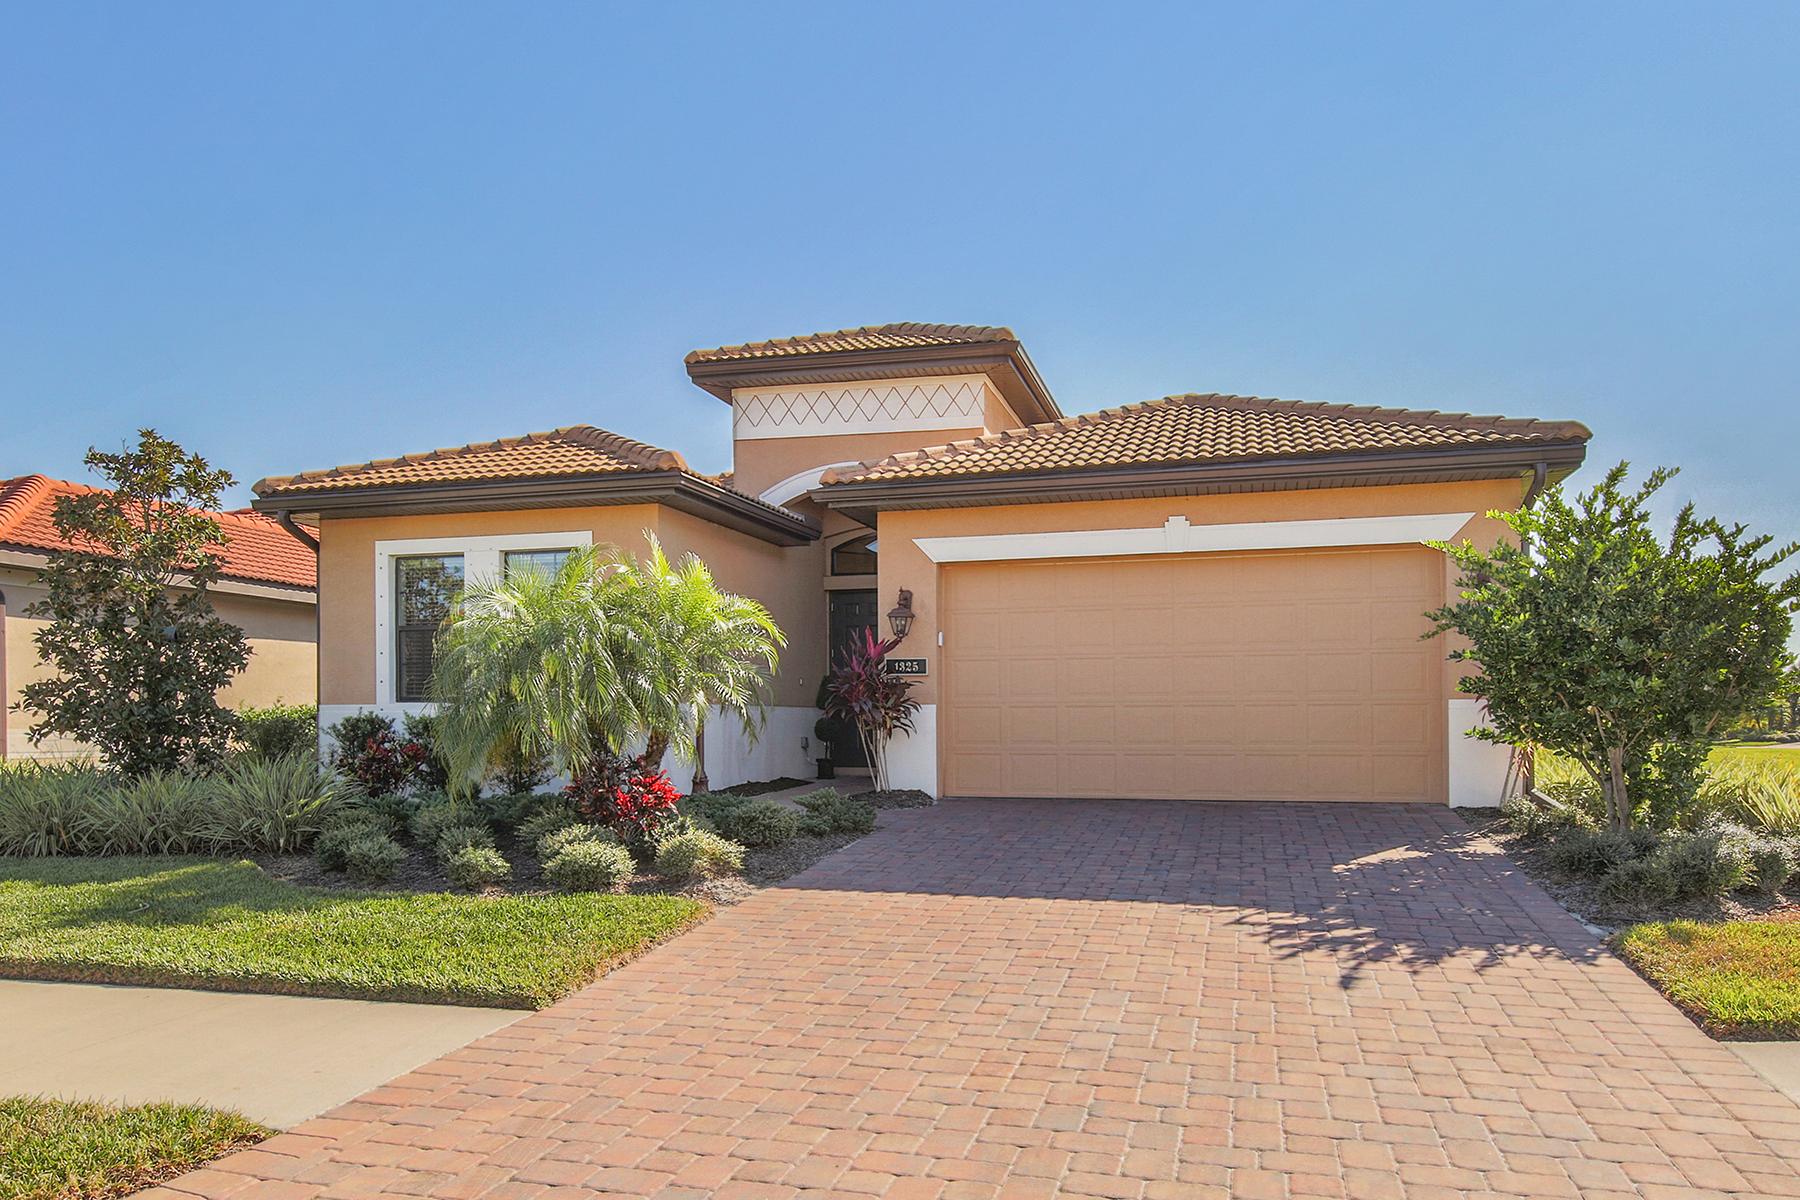 Casa Unifamiliar por un Venta en WILLOW CHASE 1325 Cielo Ct North Venice, Florida, 34275 Estados Unidos